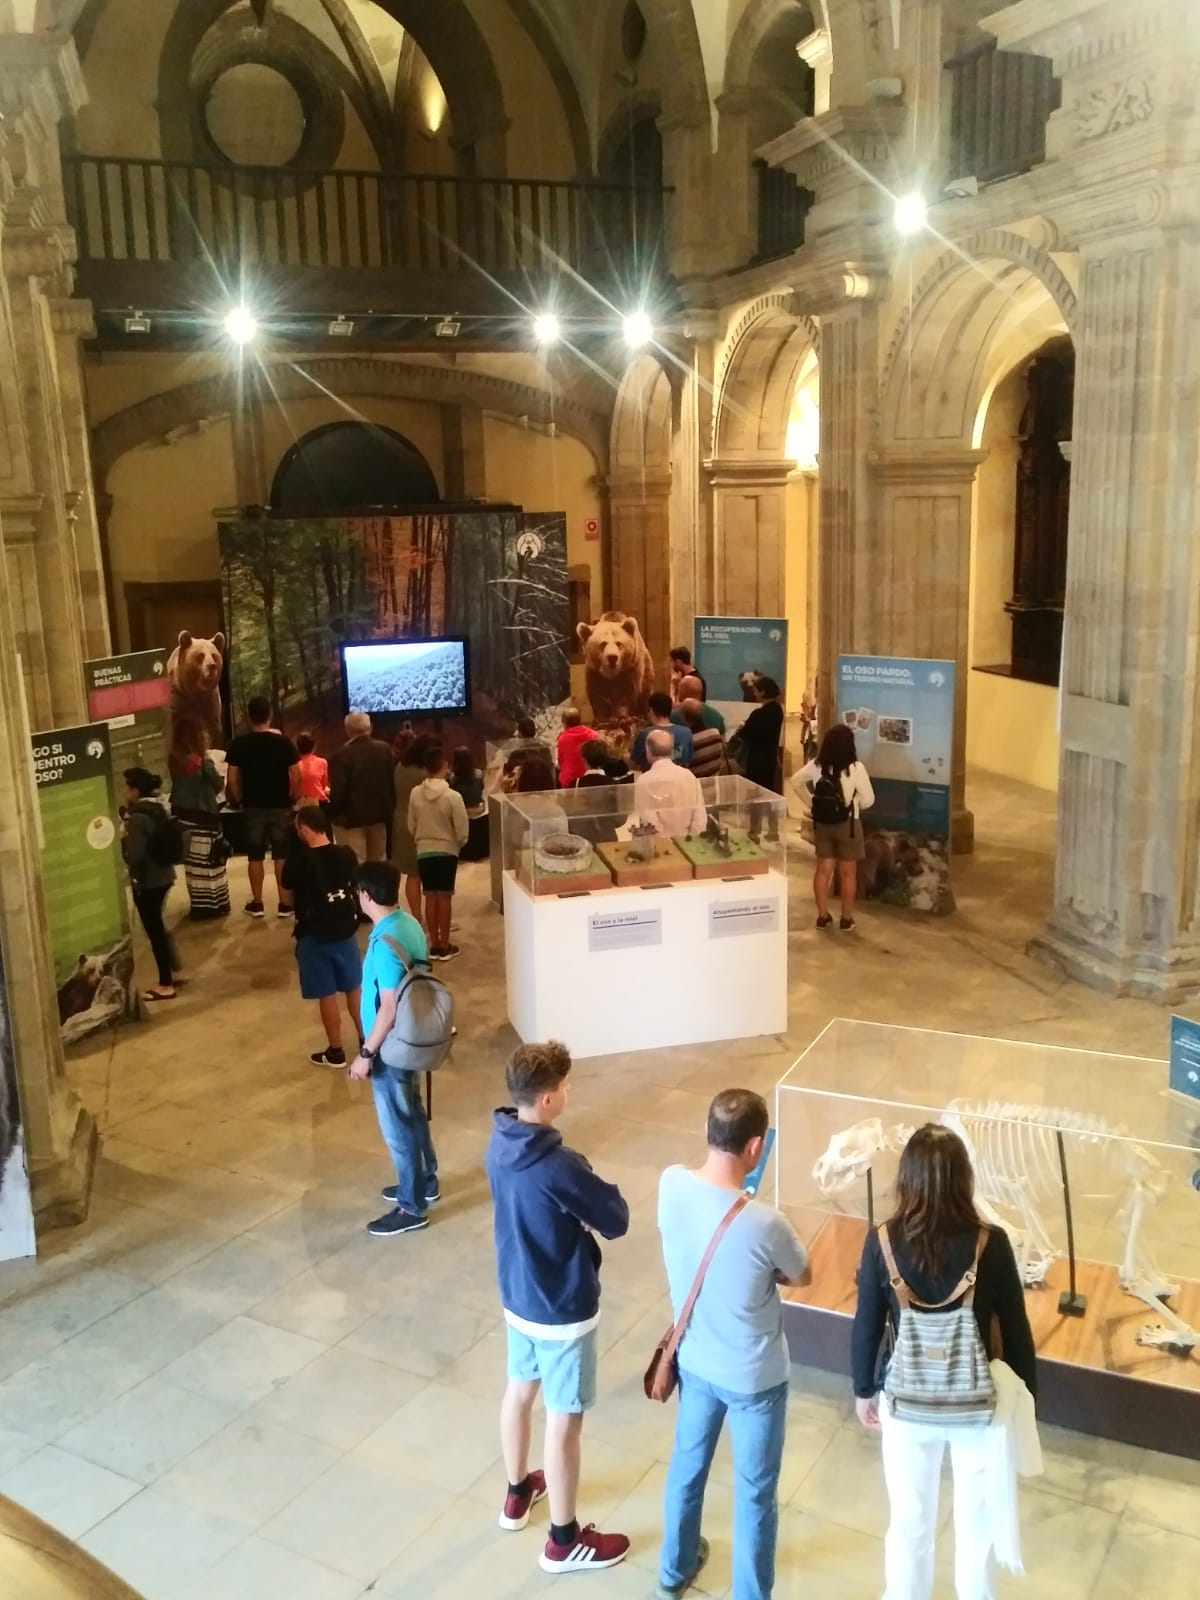 La exposición 'Osos' supera los 100.000 visitantes tras dos años de itinerario por Asturias